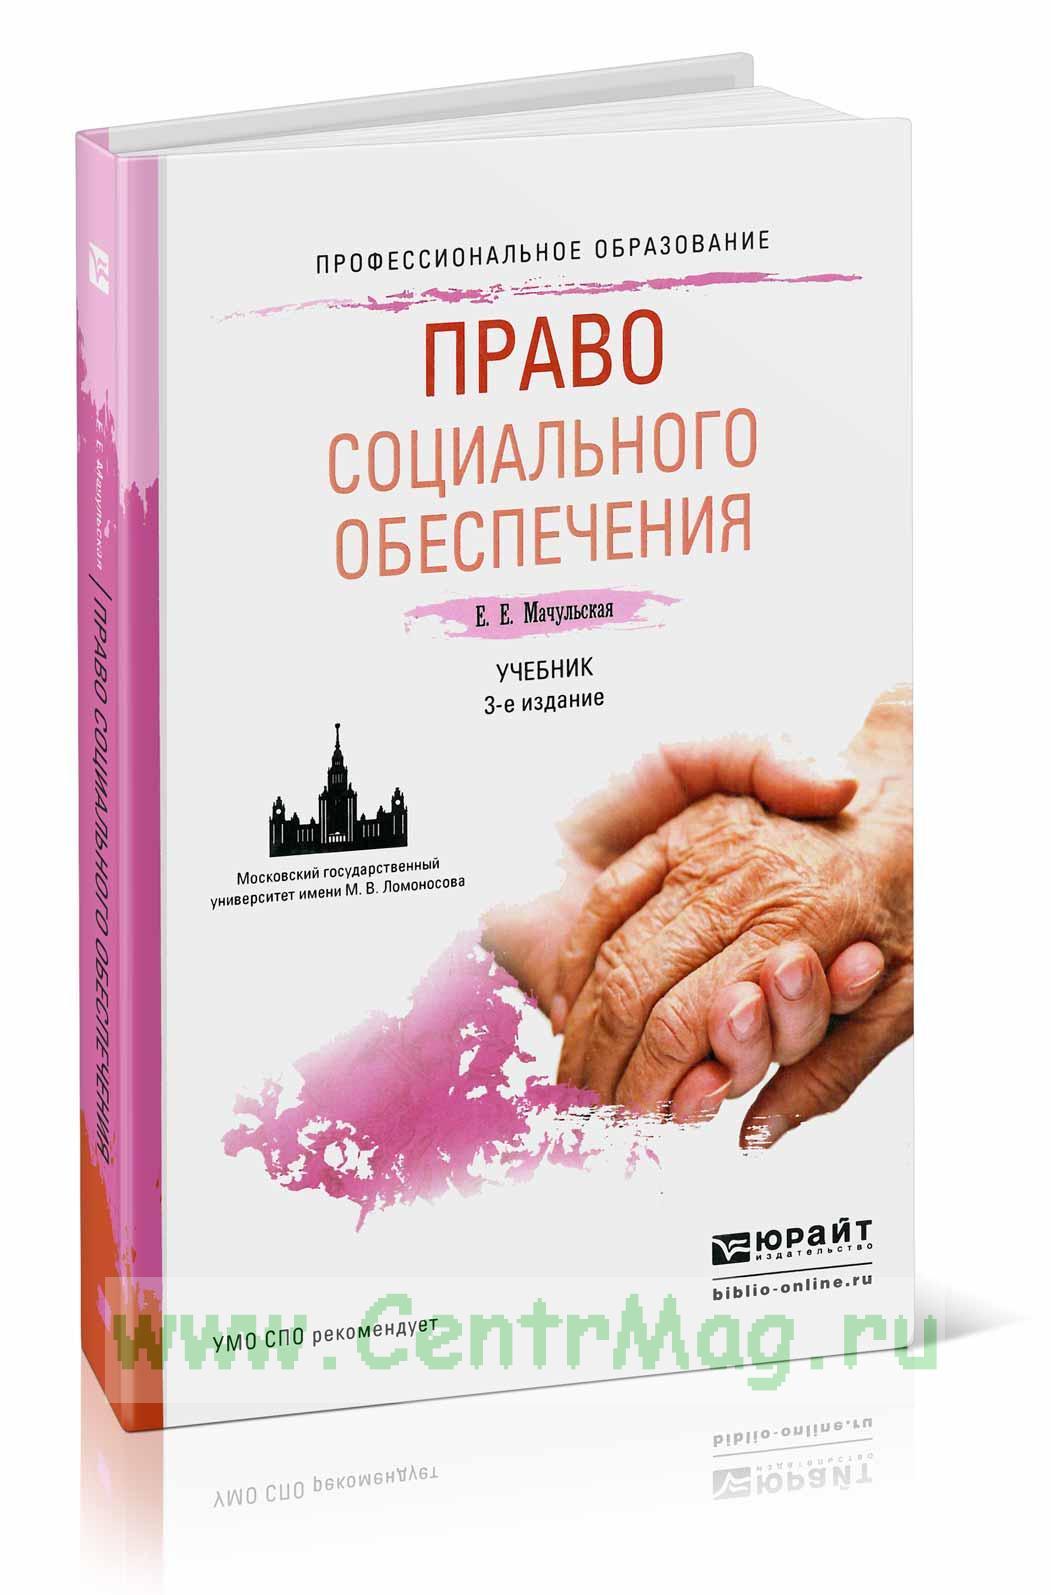 Право социального обеспечения (владимир галаганов) скачать книгу.